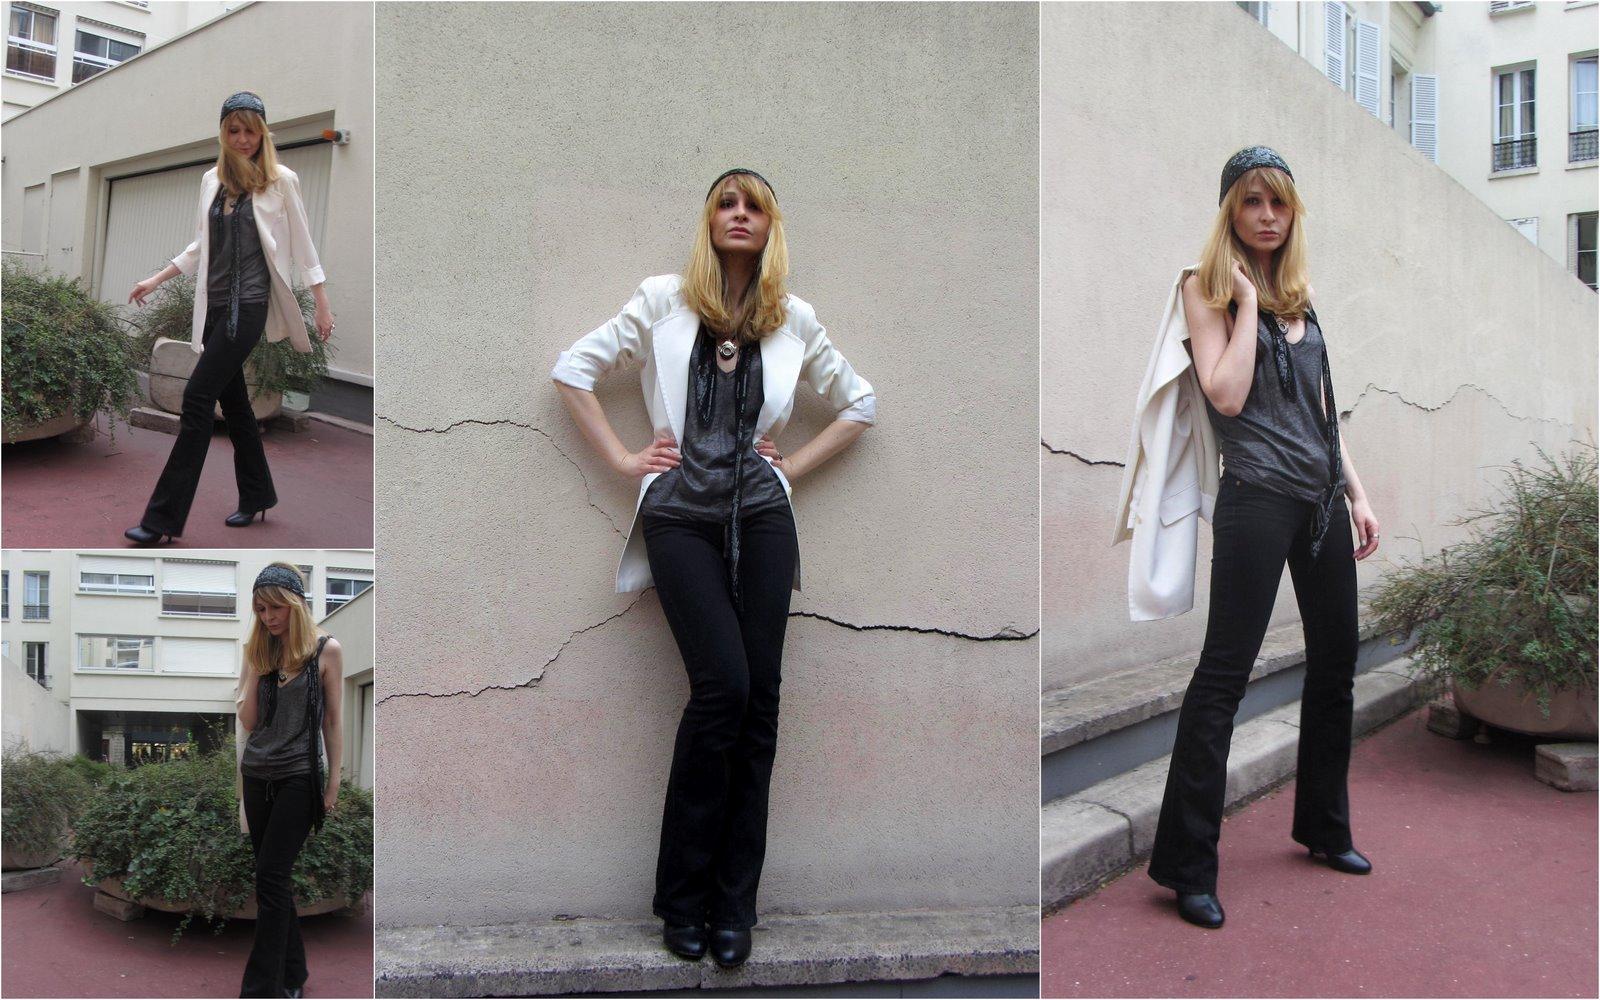 http://3.bp.blogspot.com/-YGl1lSwYSEk/Tnf8iJDttoI/AAAAAAAAAXY/Xr9YejiUgJI/s1600/outfit%2B2%2Bshooting%2B51.jpg